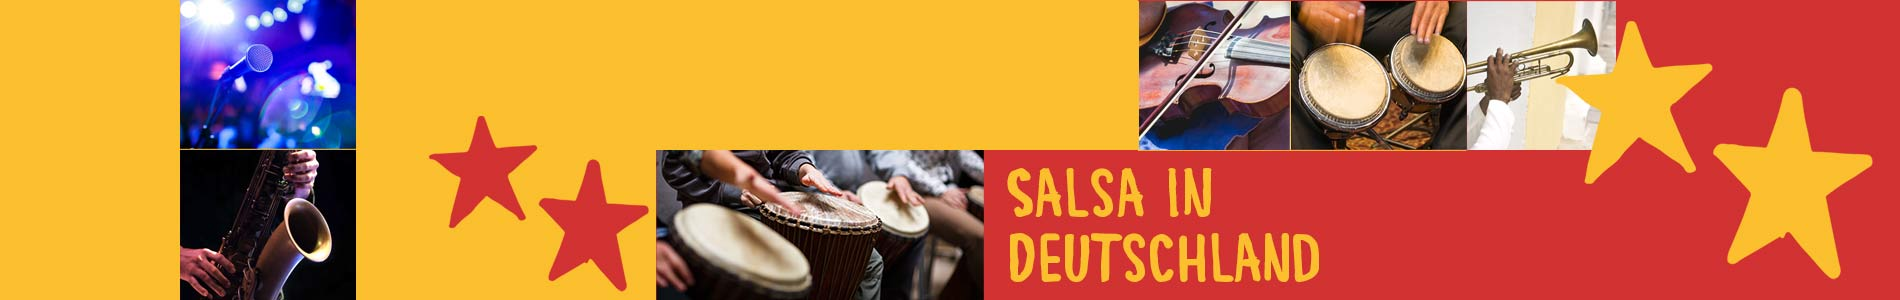 Salsa in Detern – Salsa lernen und tanzen, Tanzkurse, Partys, Veranstaltungen